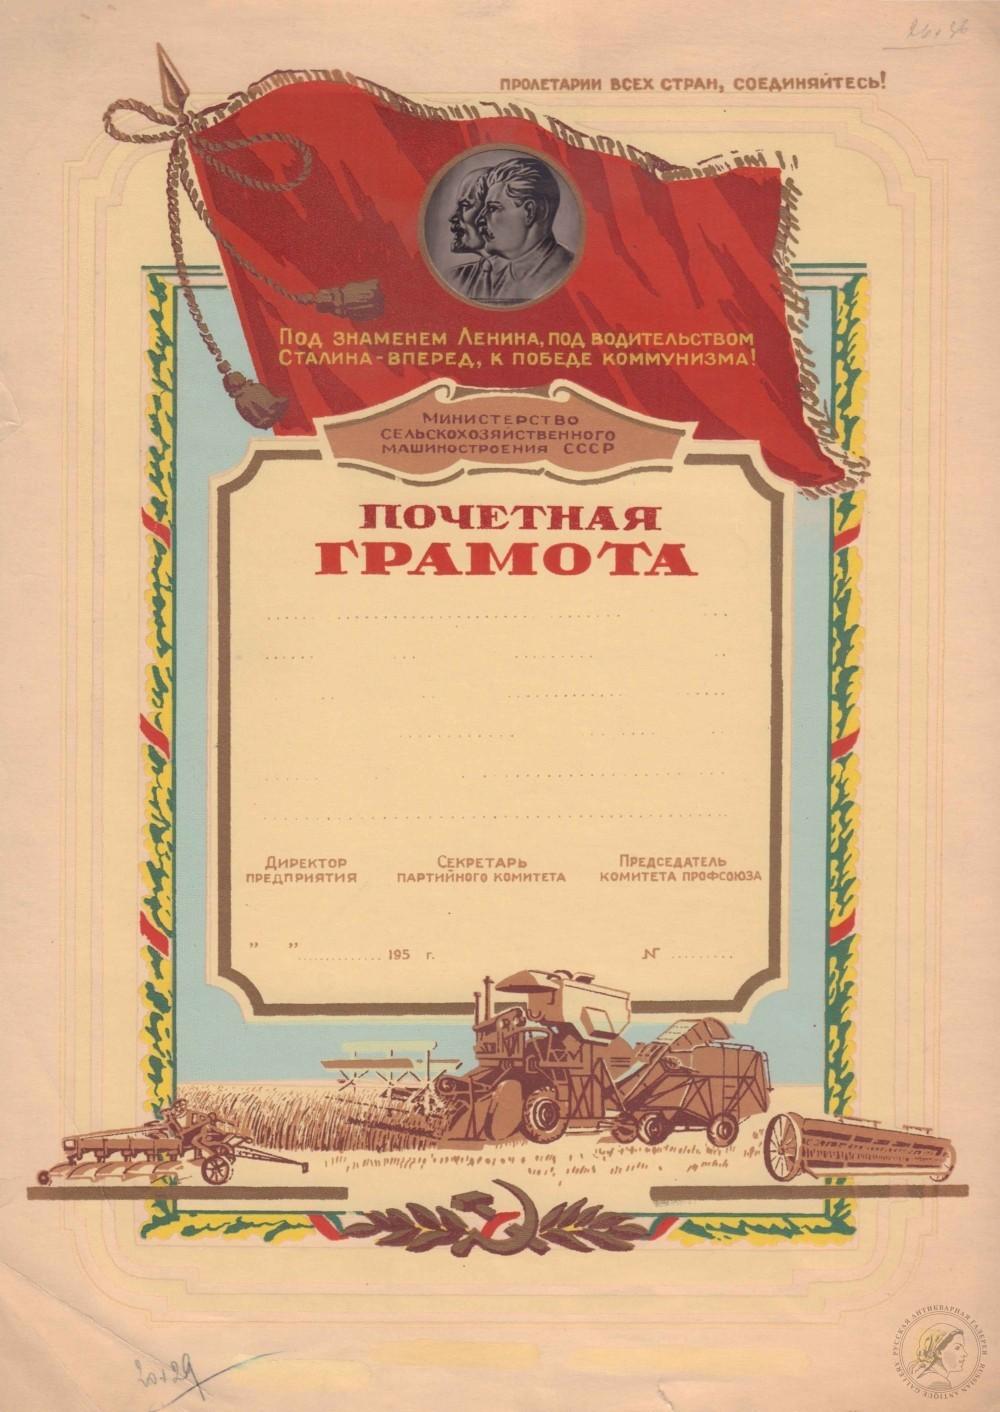 Эскиз грамоты Министерства Сельскохозяйственного машиностроения СССР